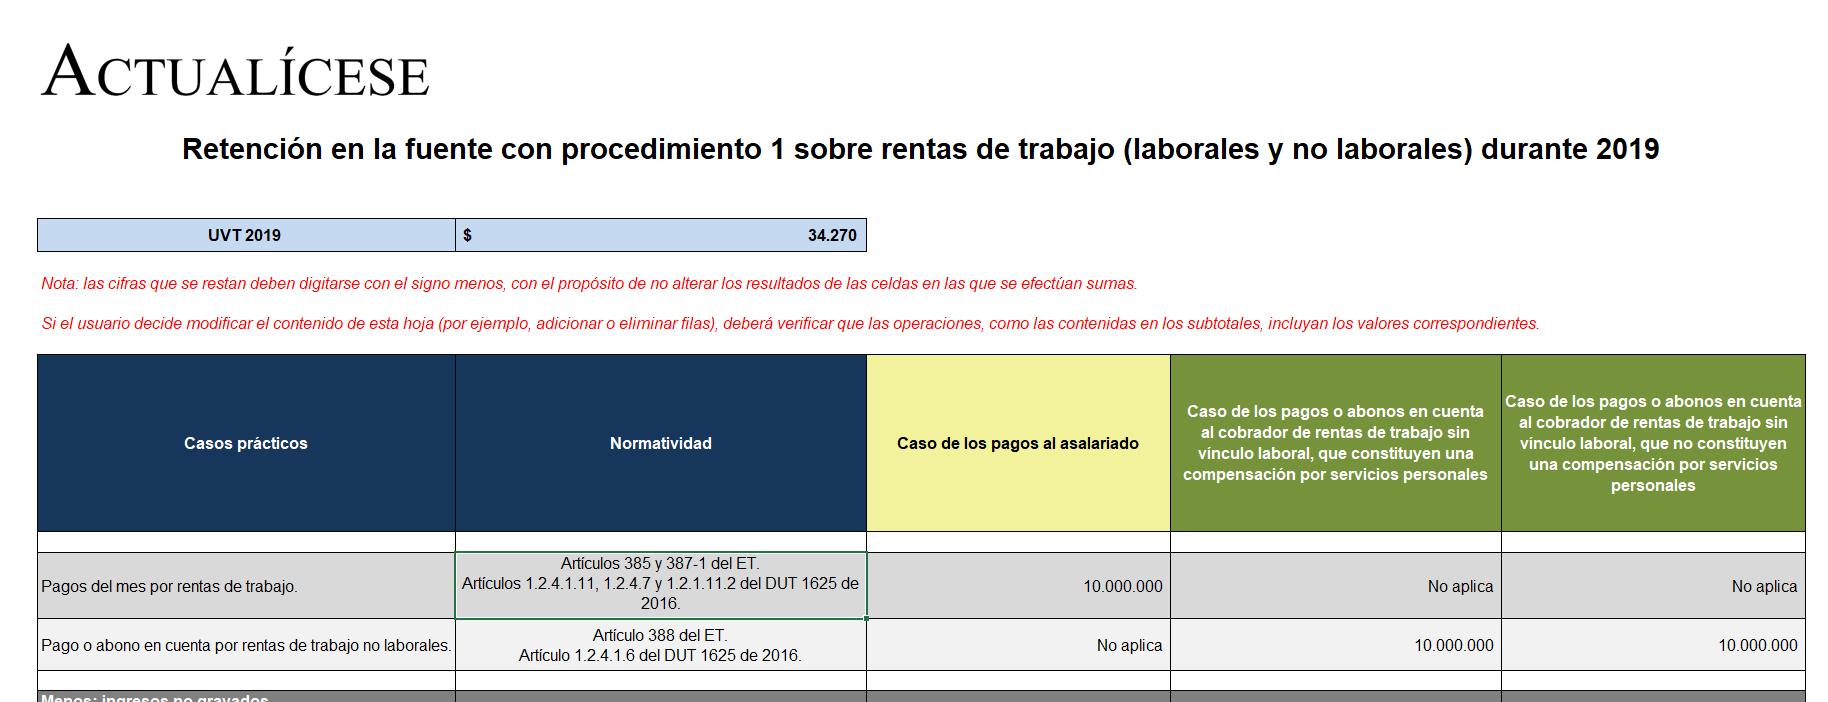 Retención en la fuente con procedimiento 1 sobre rentas de trabajo durante 2019